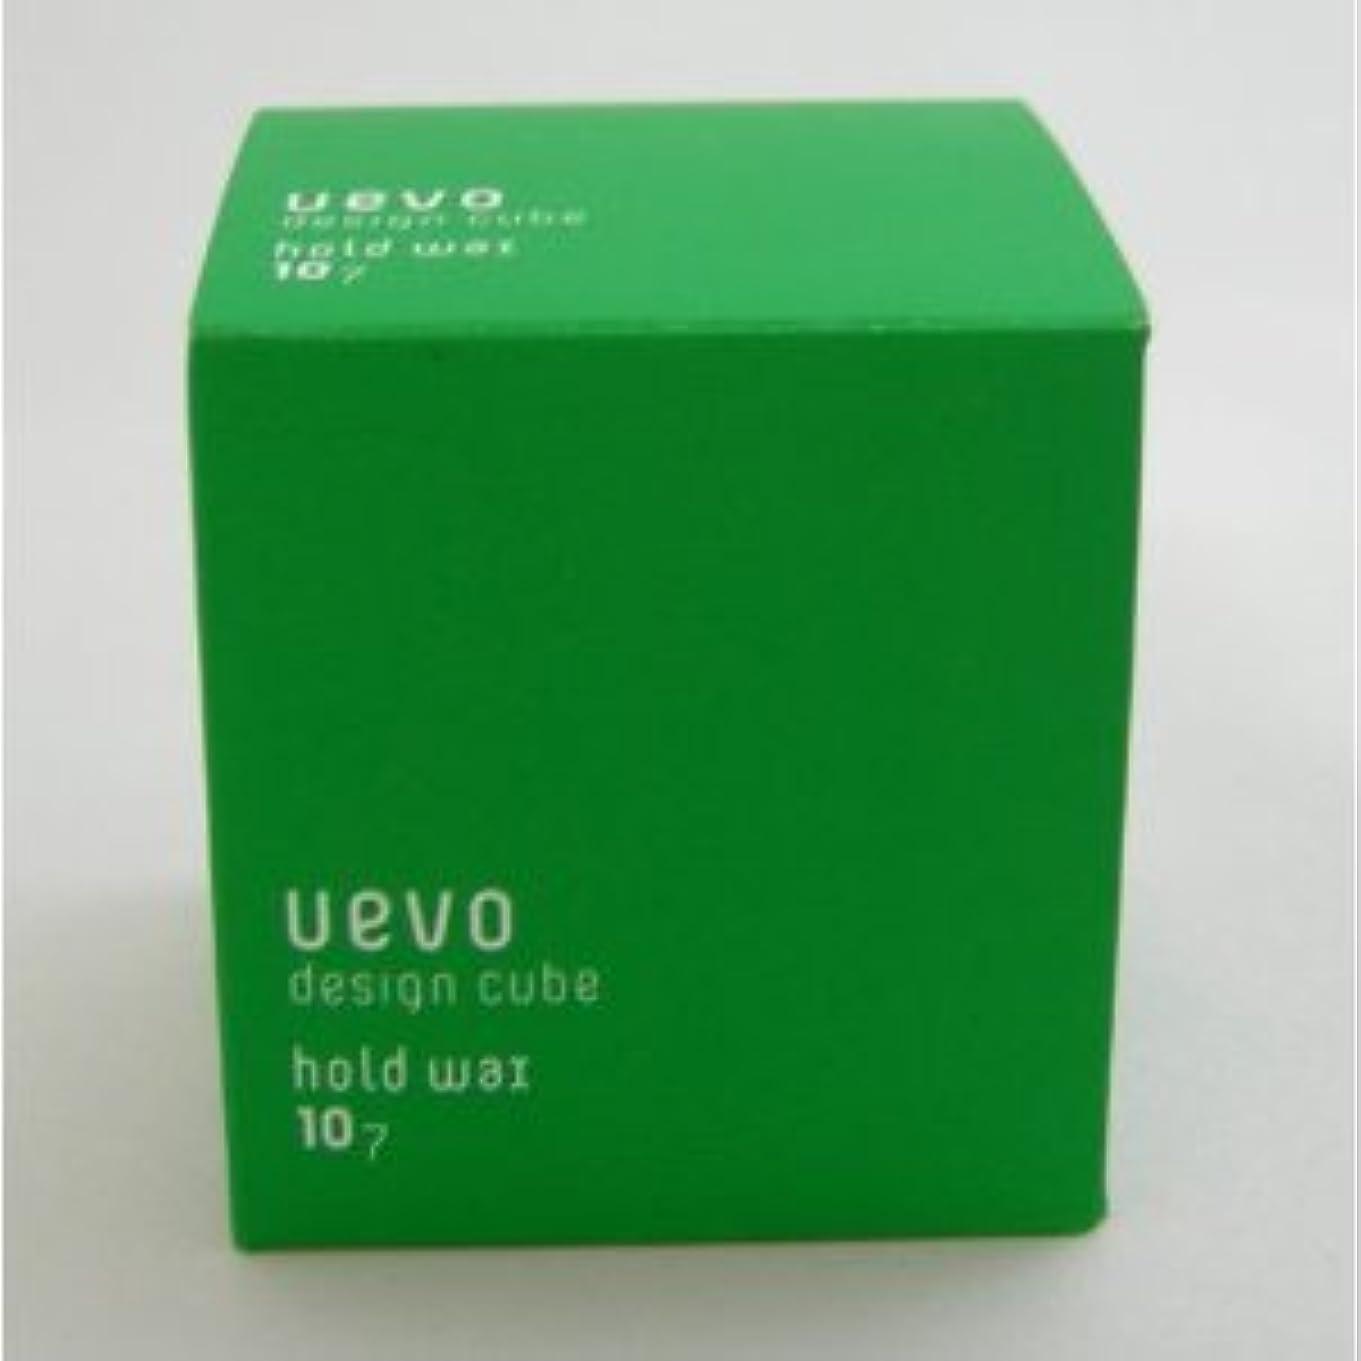 役職採用する勧める【X3個セット】 デミ ウェーボ デザインキューブ ホールドワックス 80g hold wax